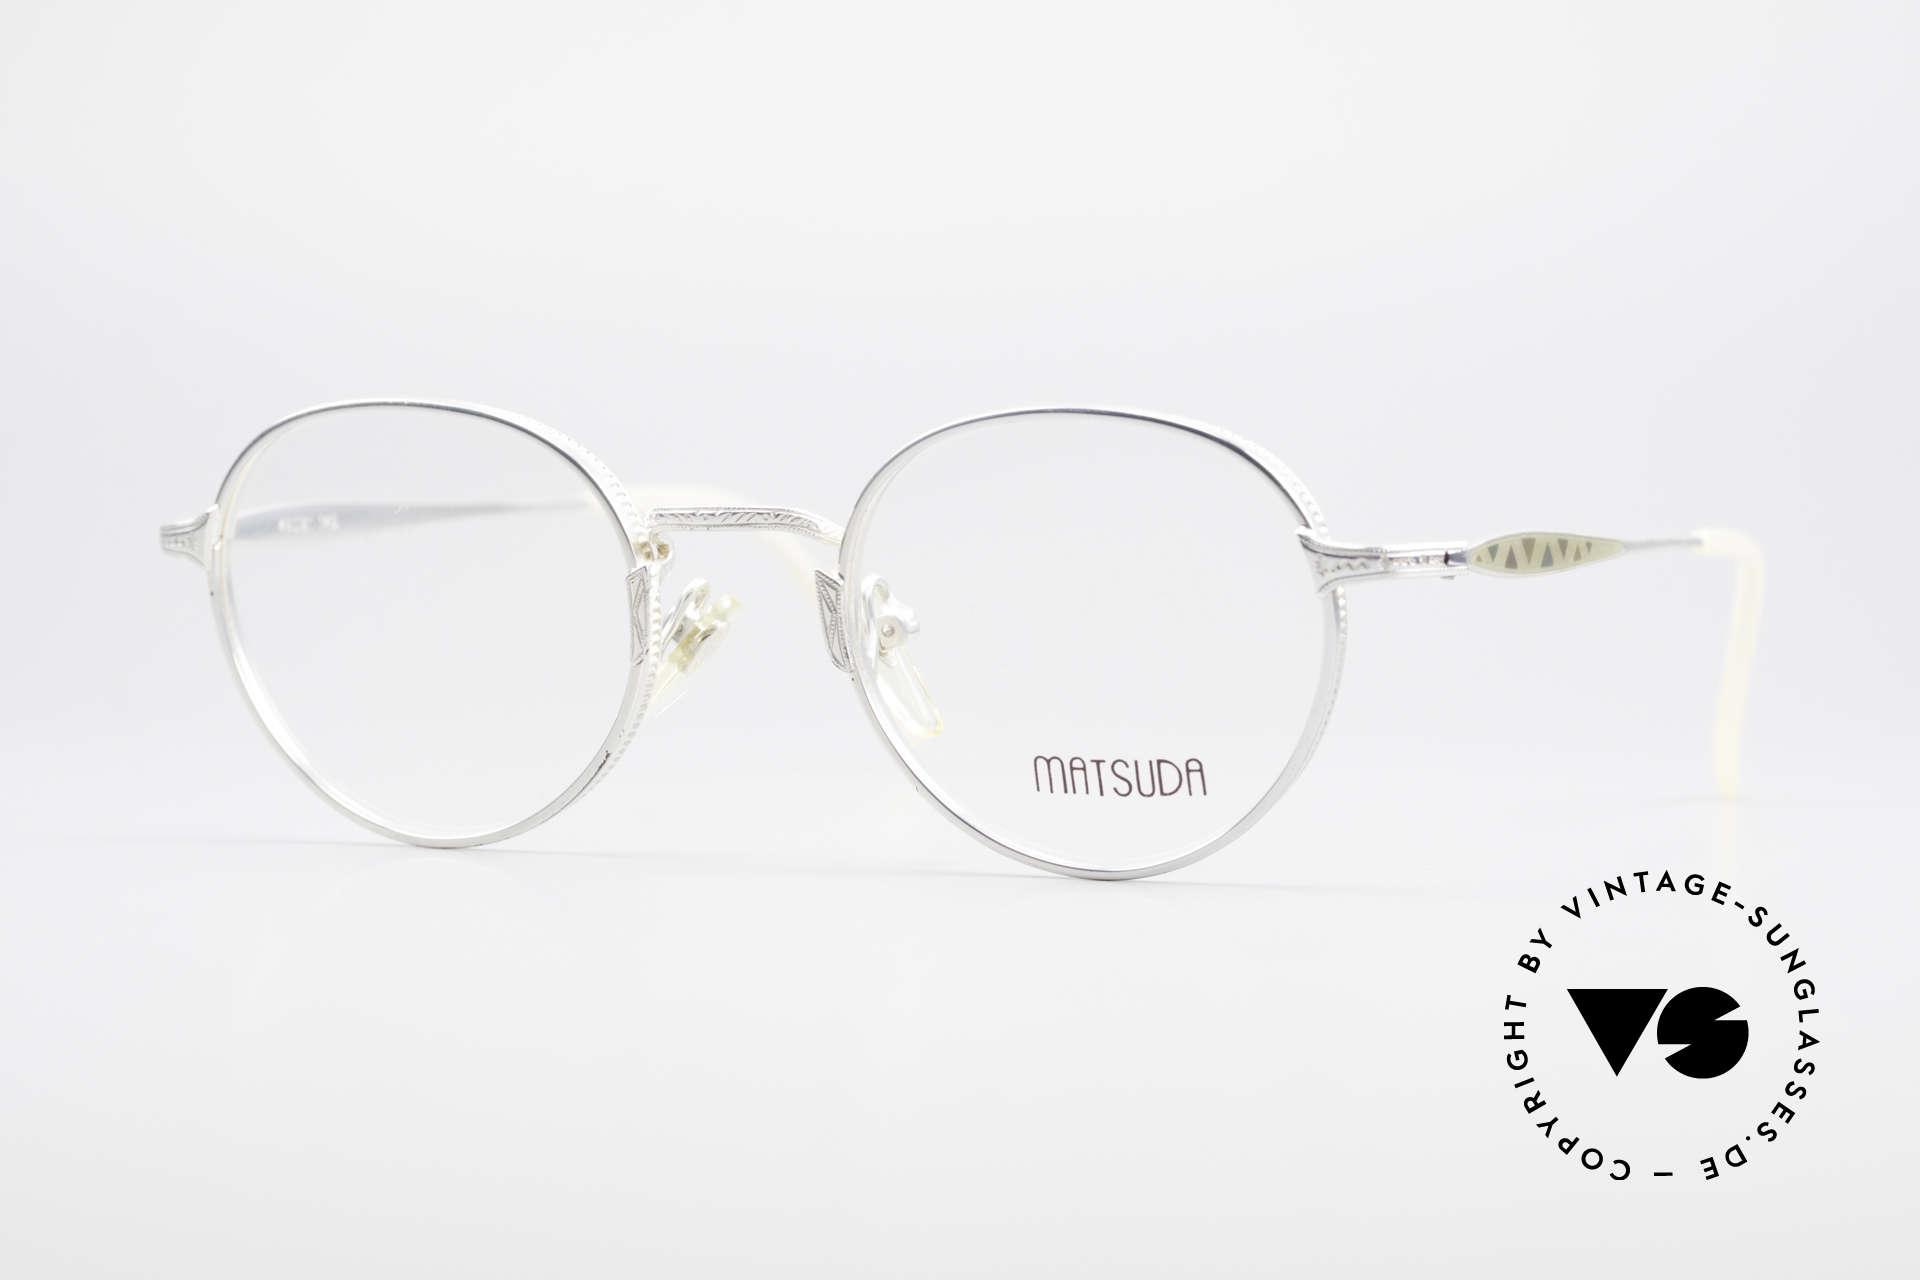 Matsuda 2858 Runde Vintage Designer Brille, runde vintage Brille von Matsuda aus den frühen 90ern, Passend für Herren und Damen